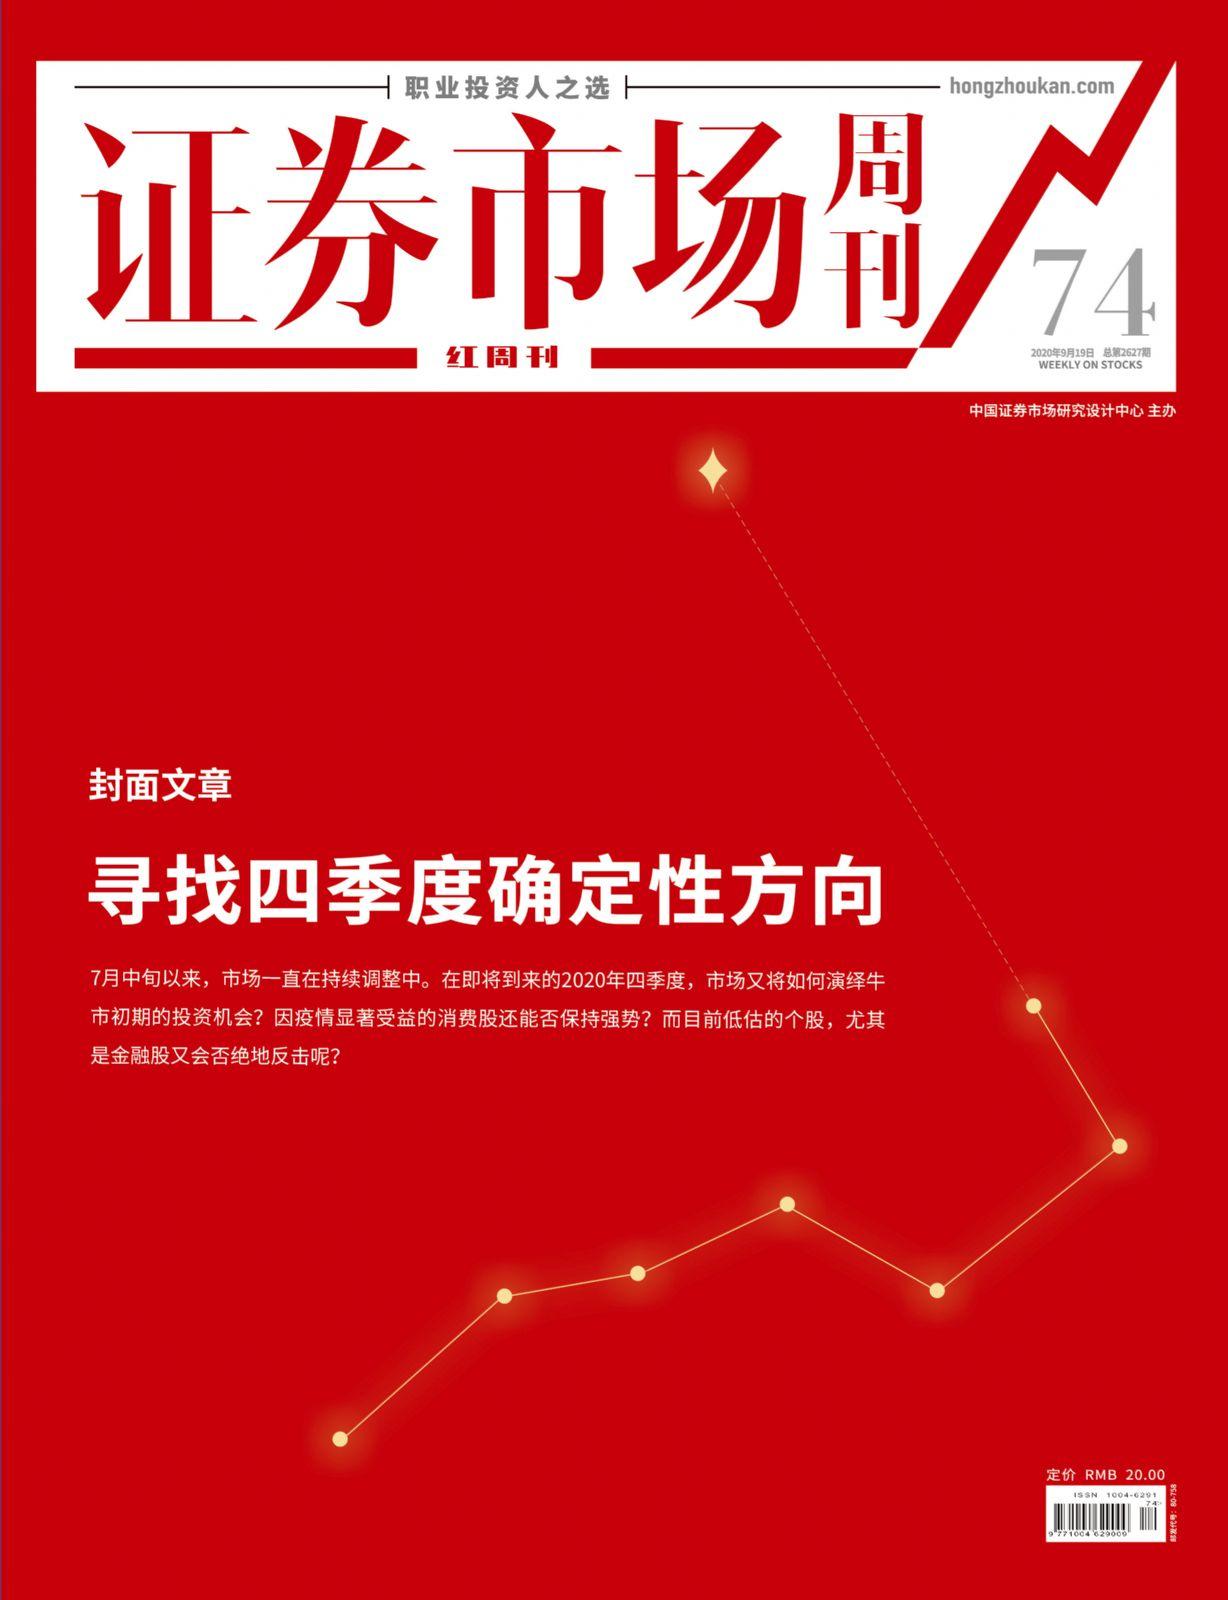 证券市场周刊(红周刊)